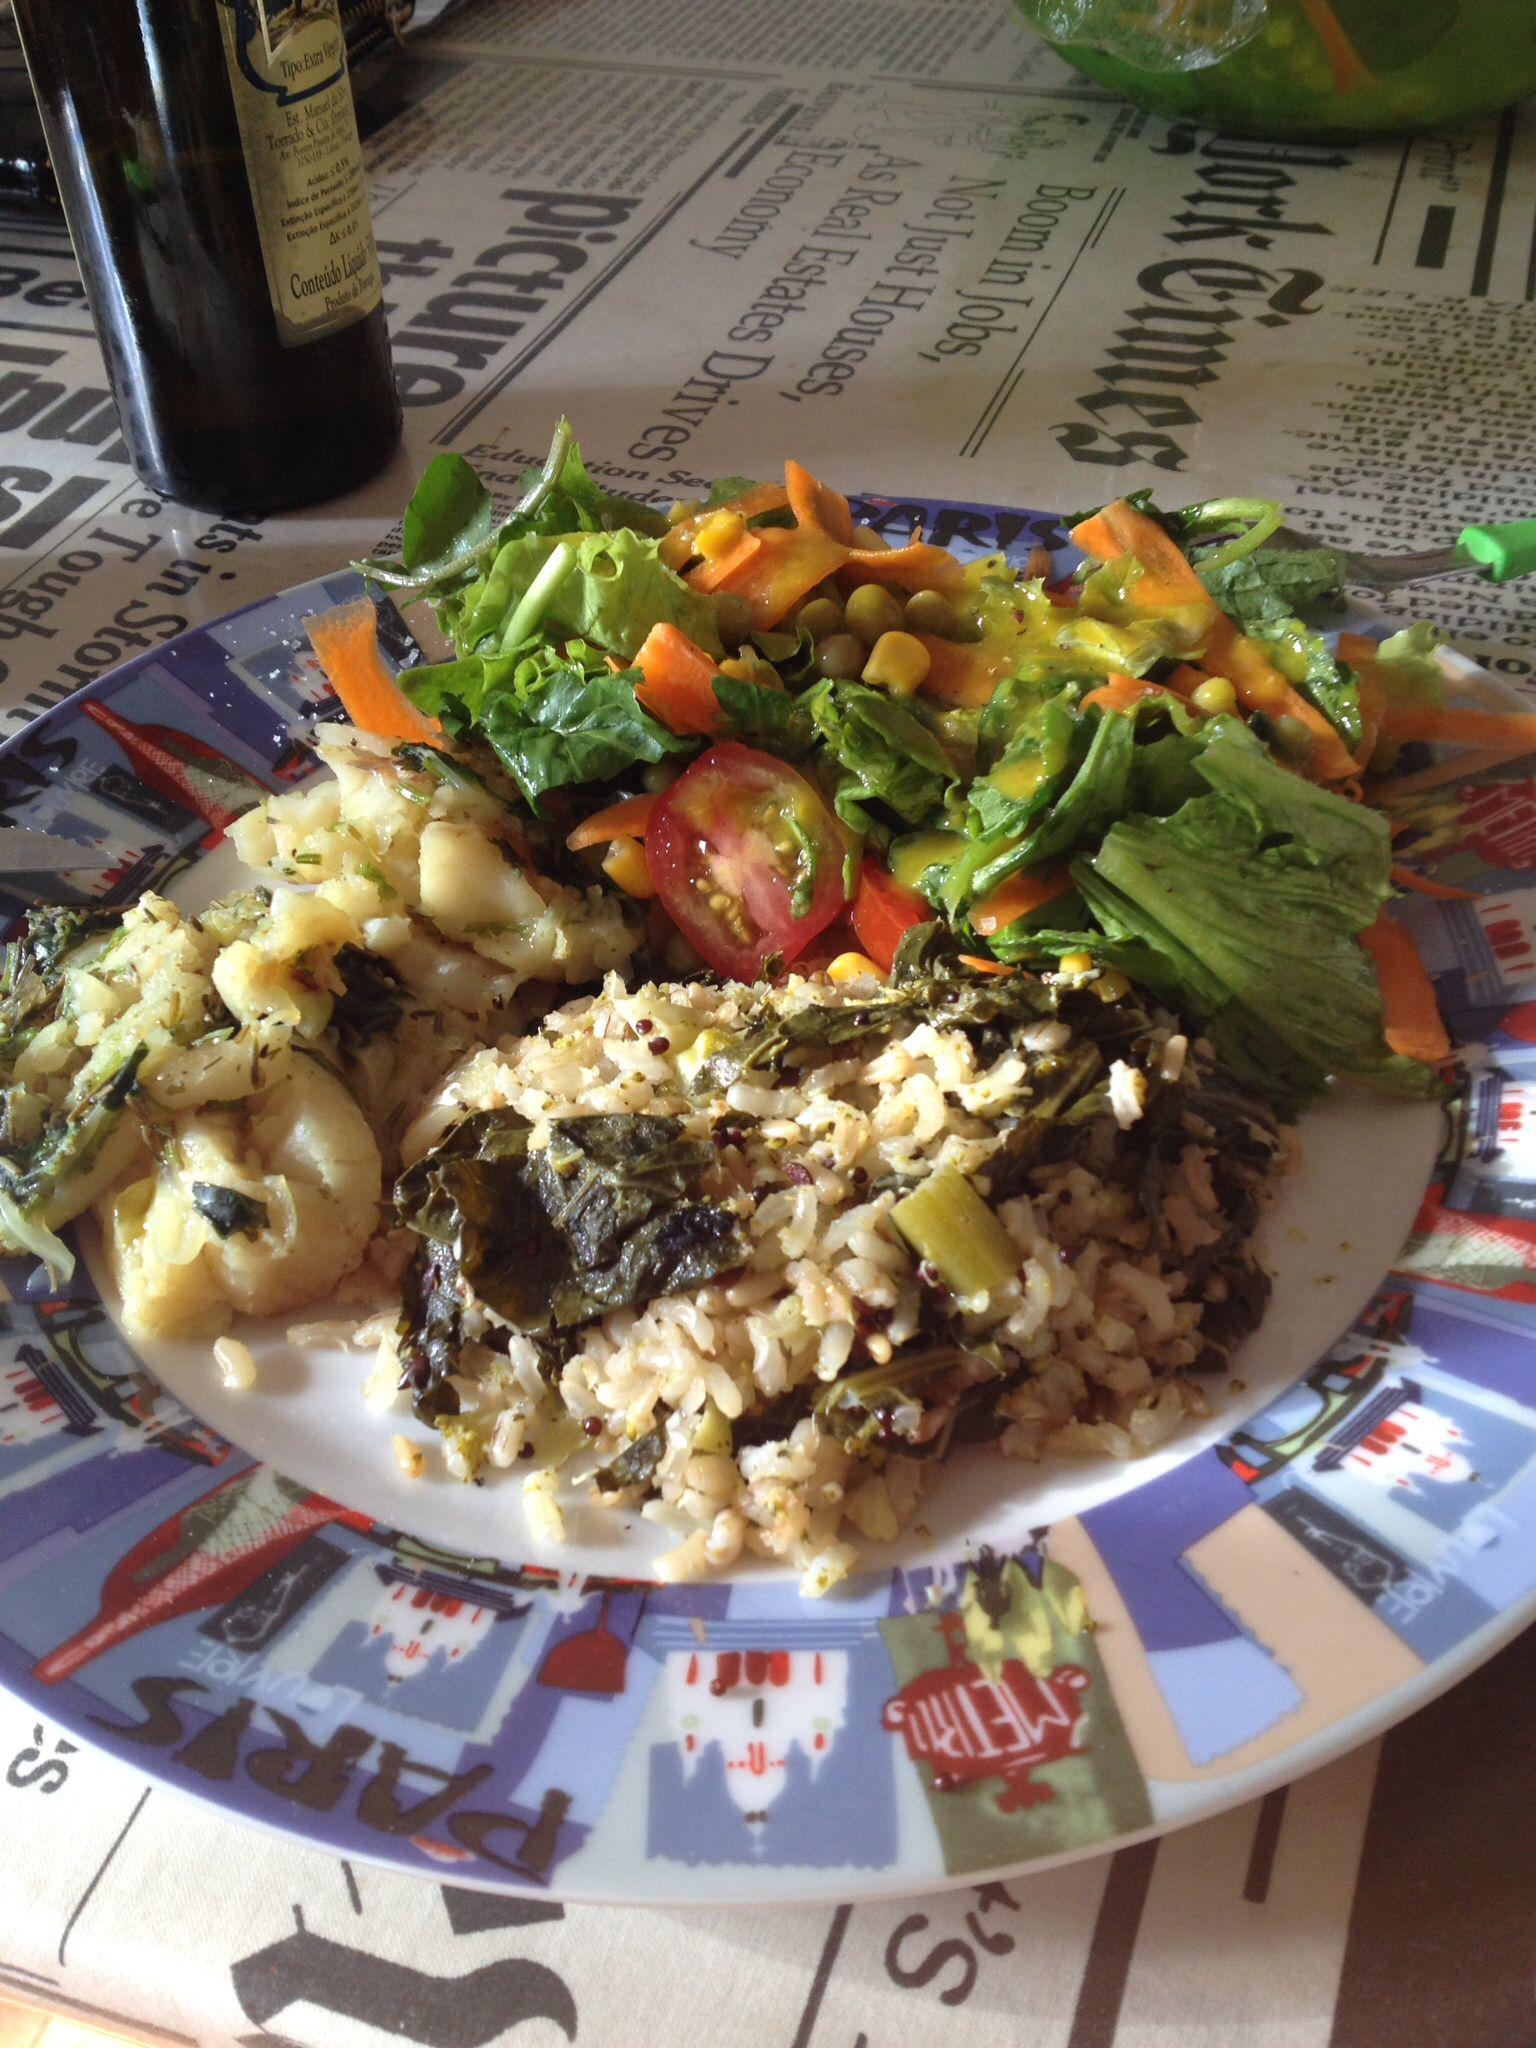 Peixe cozido, arroz de brócolis e saladão.